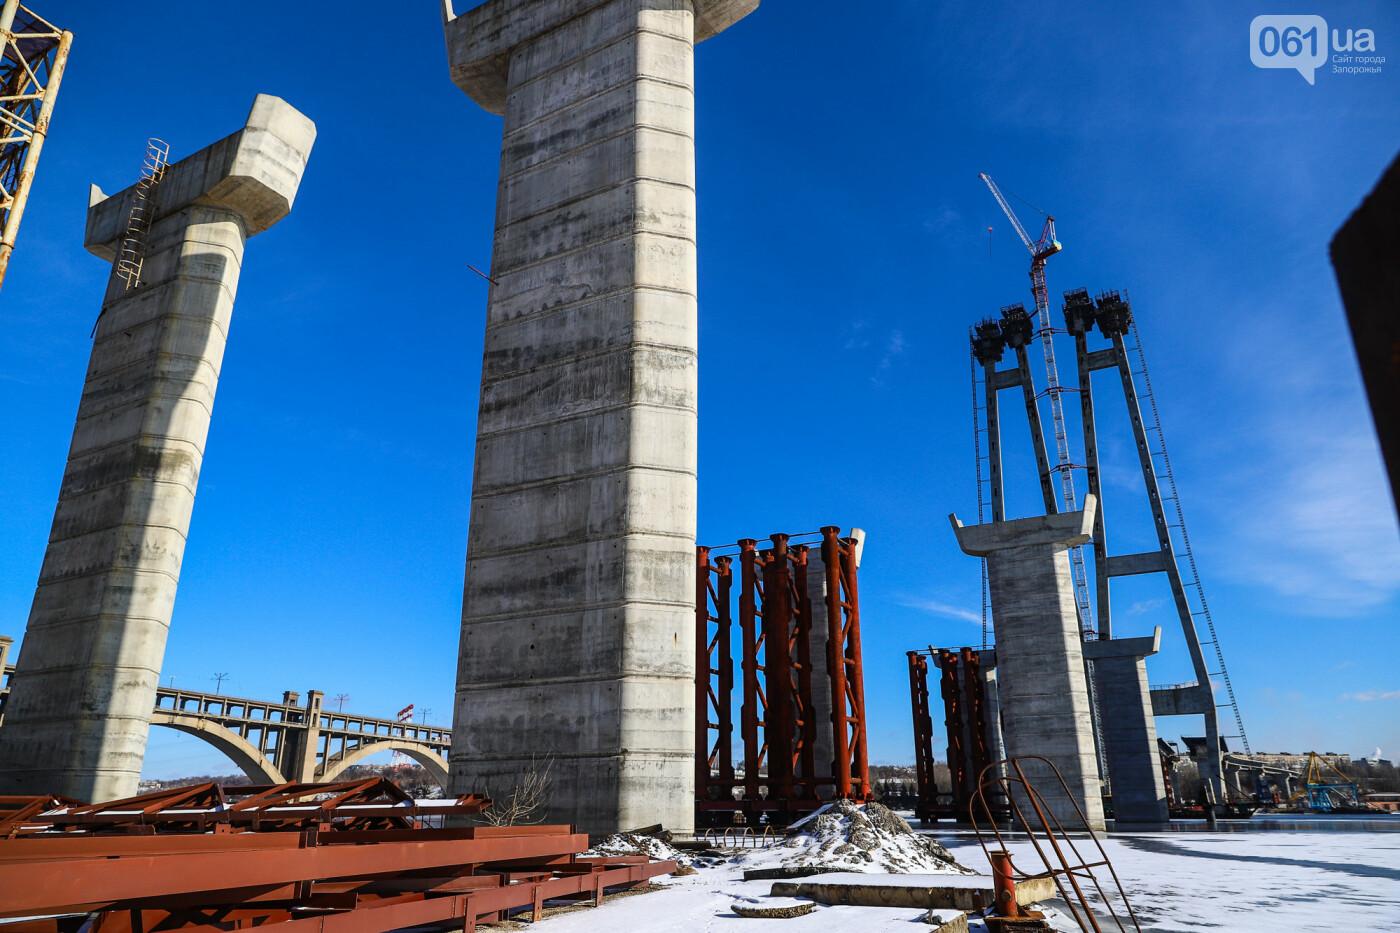 Кран с иностранной пропиской, ванты и металл: строительство запорожских мостов в фотографиях, фото-48